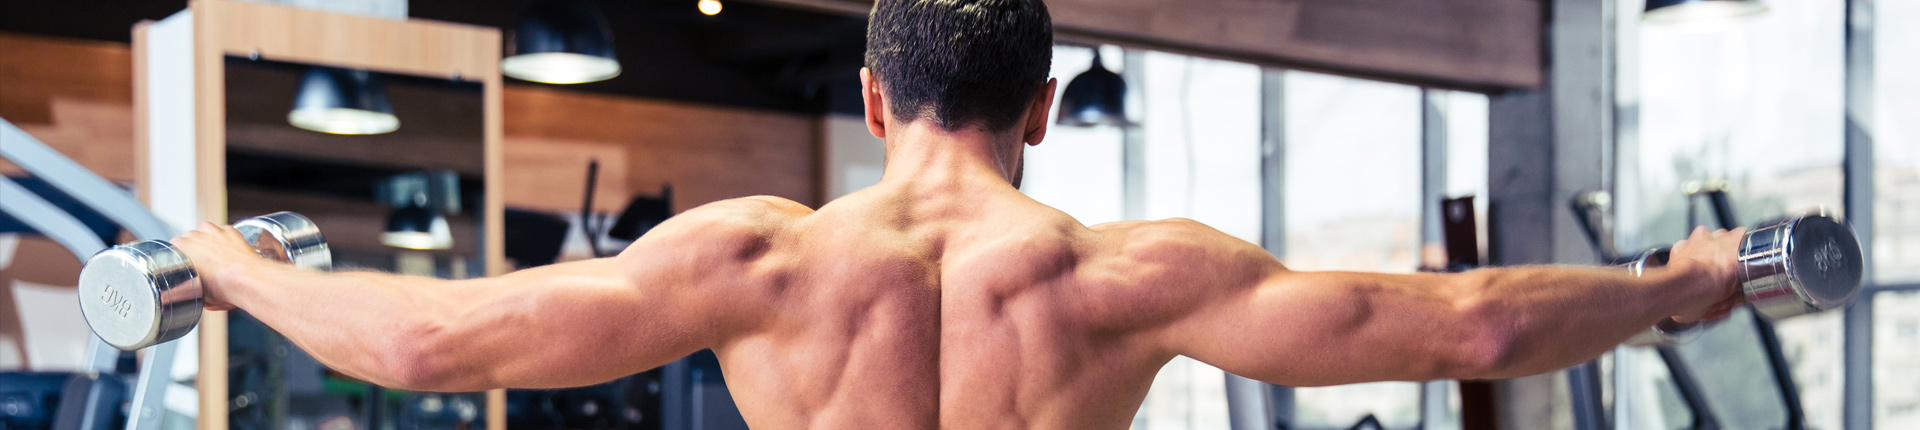 Wzmocnij plecy: ćwiczenia na poprawę mięśni grzbietu